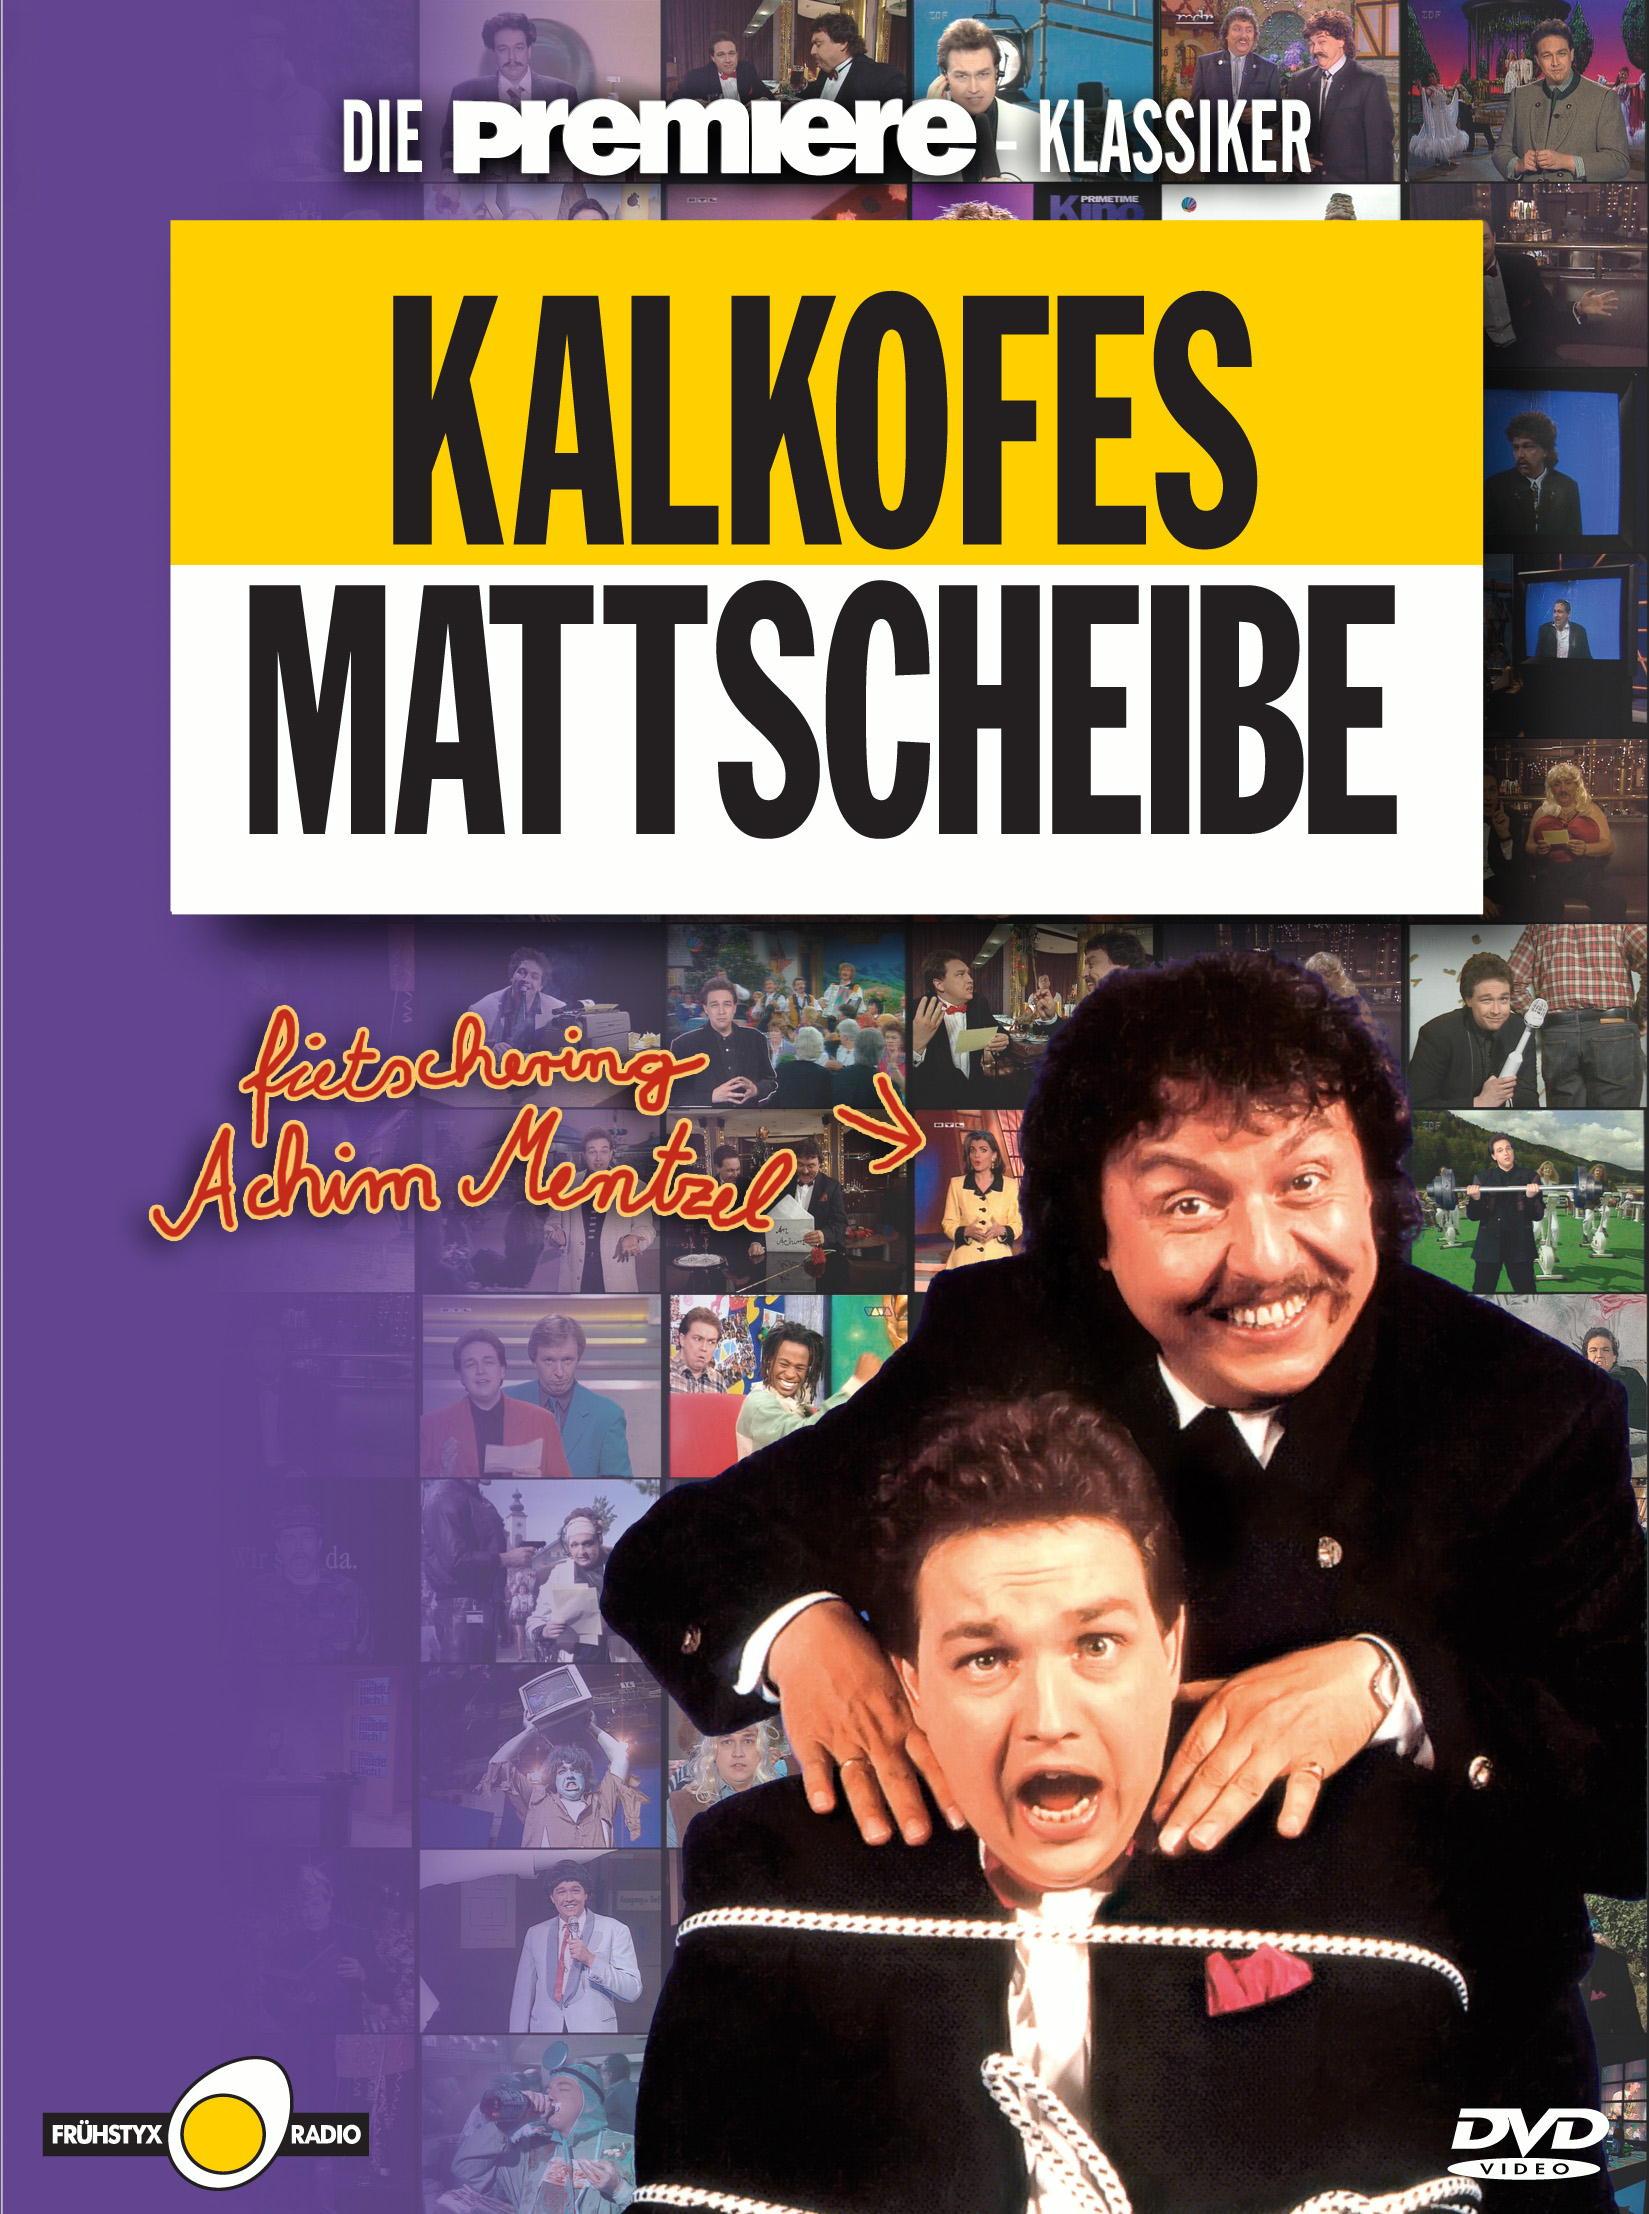 Kalkofes Mattscheibe fietschering Achim Mentzel (4 DVDs) Poster